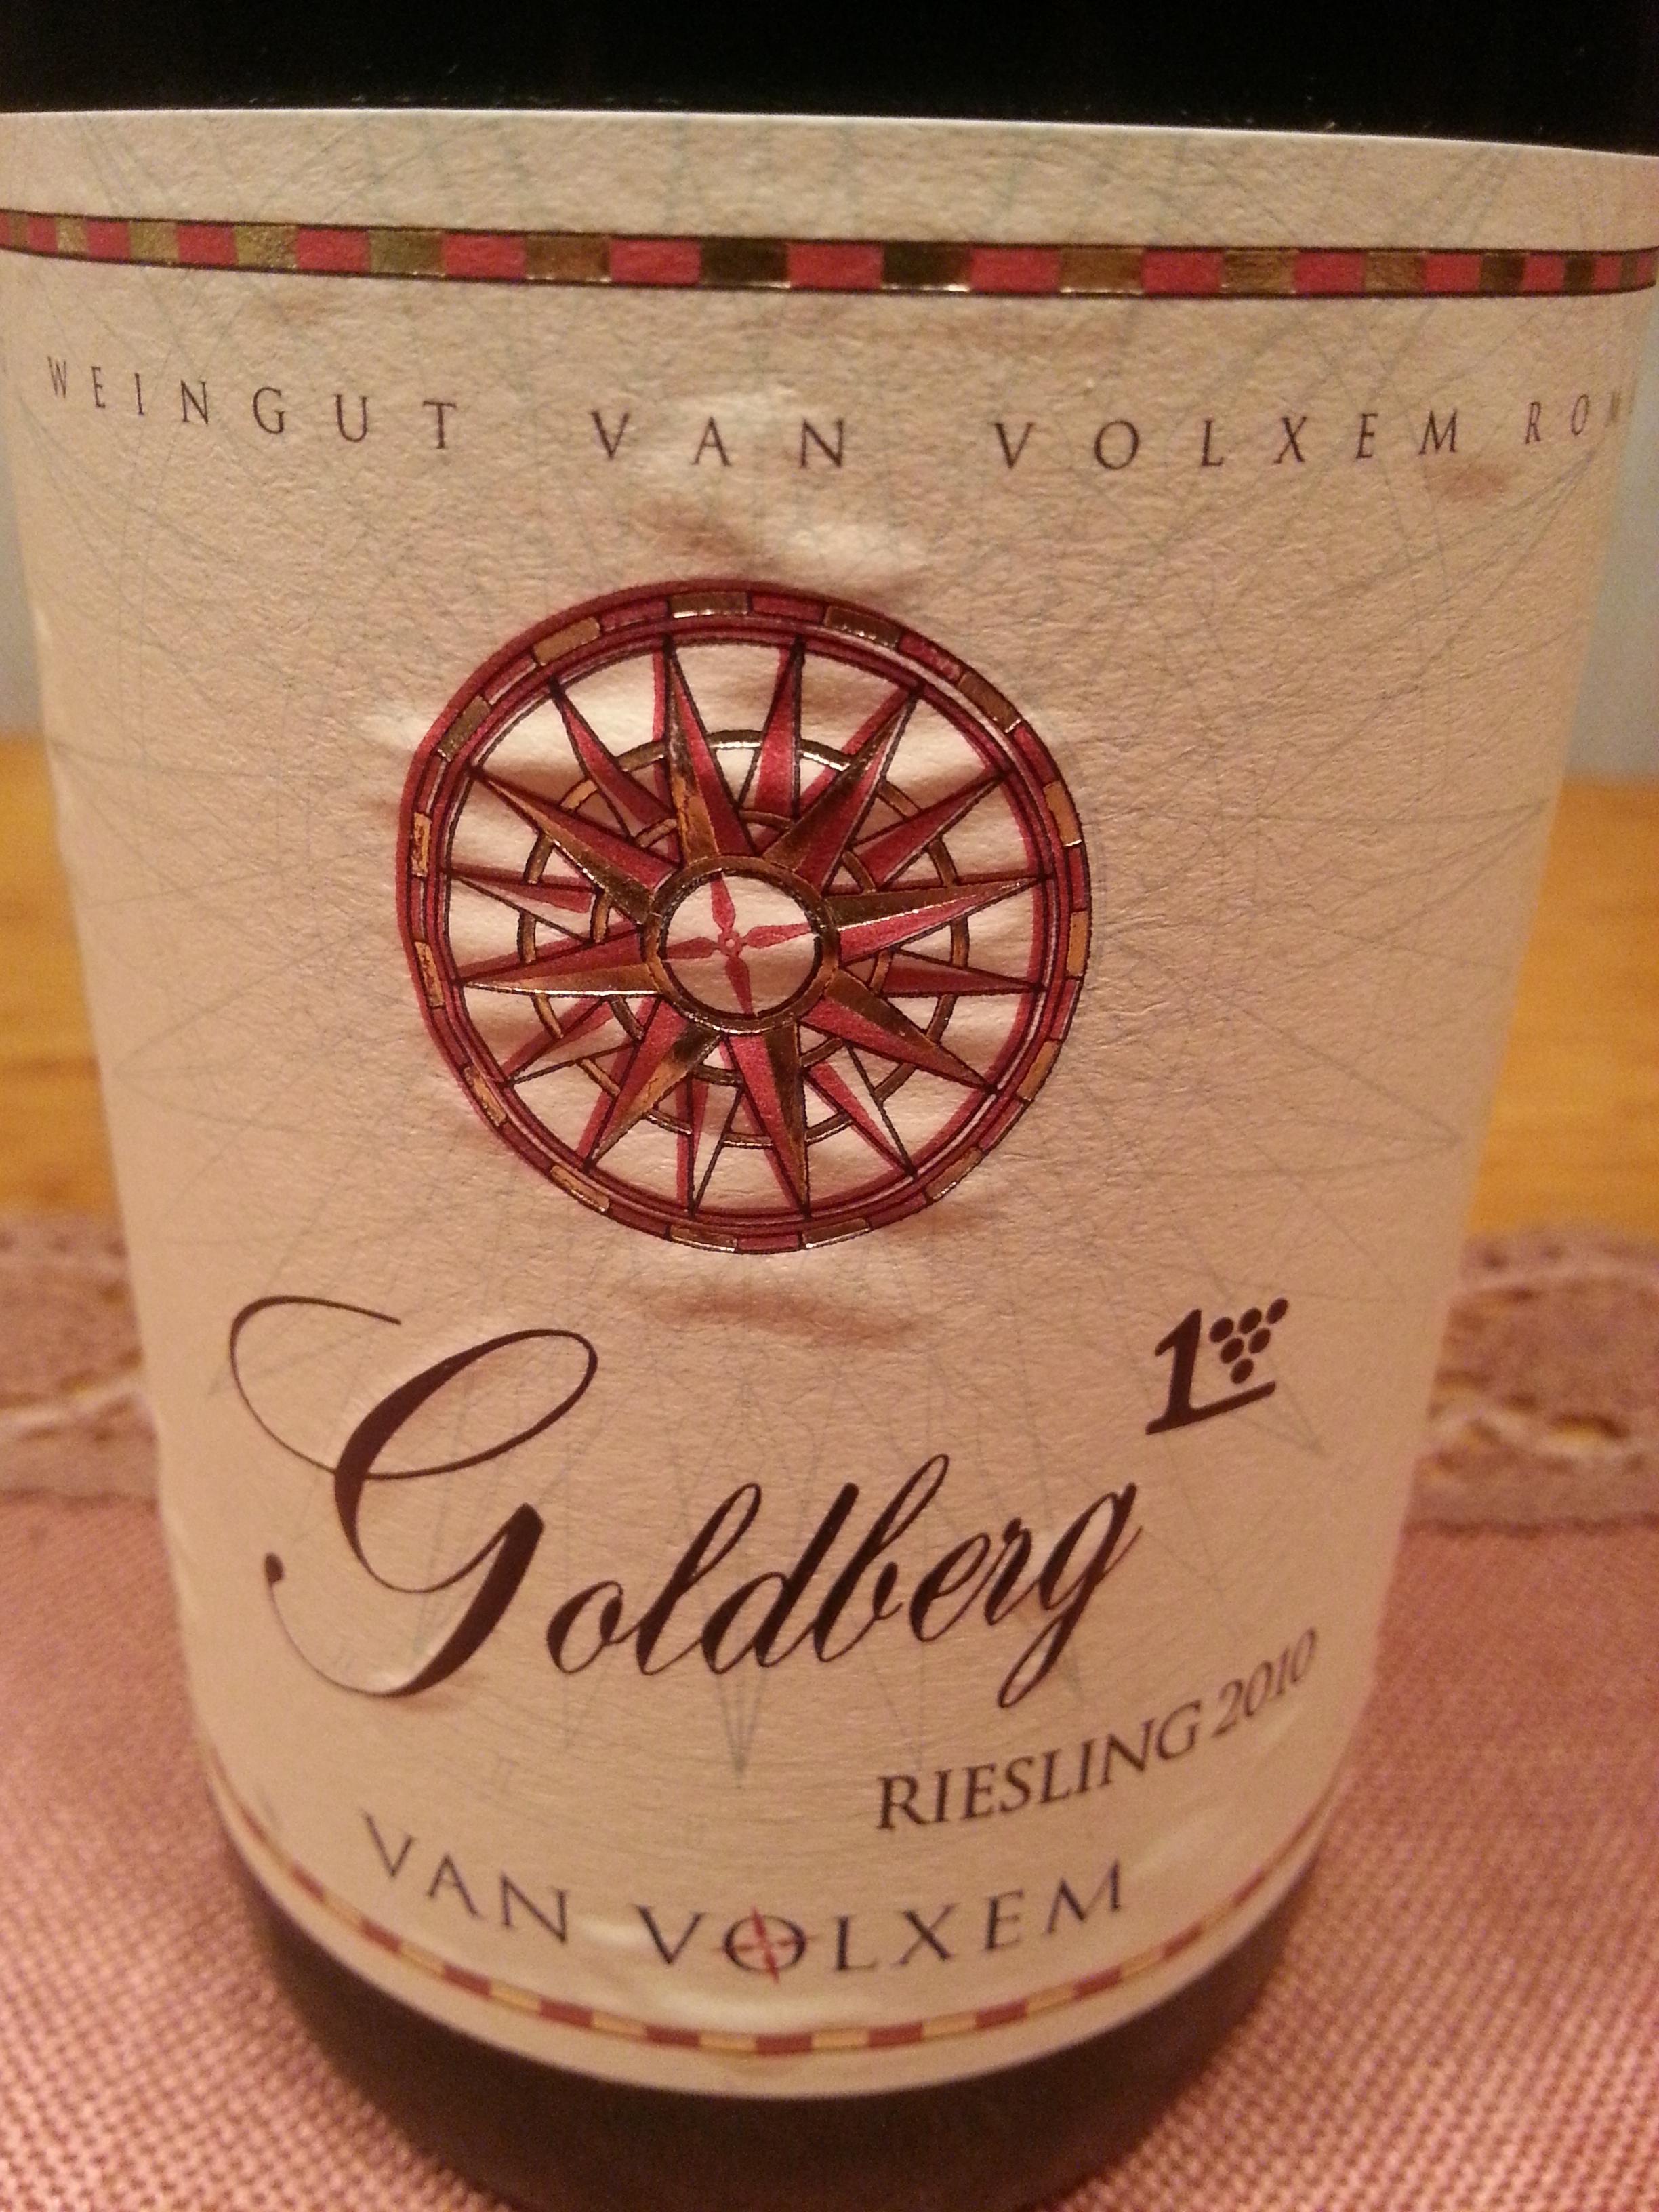 2010 Riesling Goldberg 1. L | Van Volxem